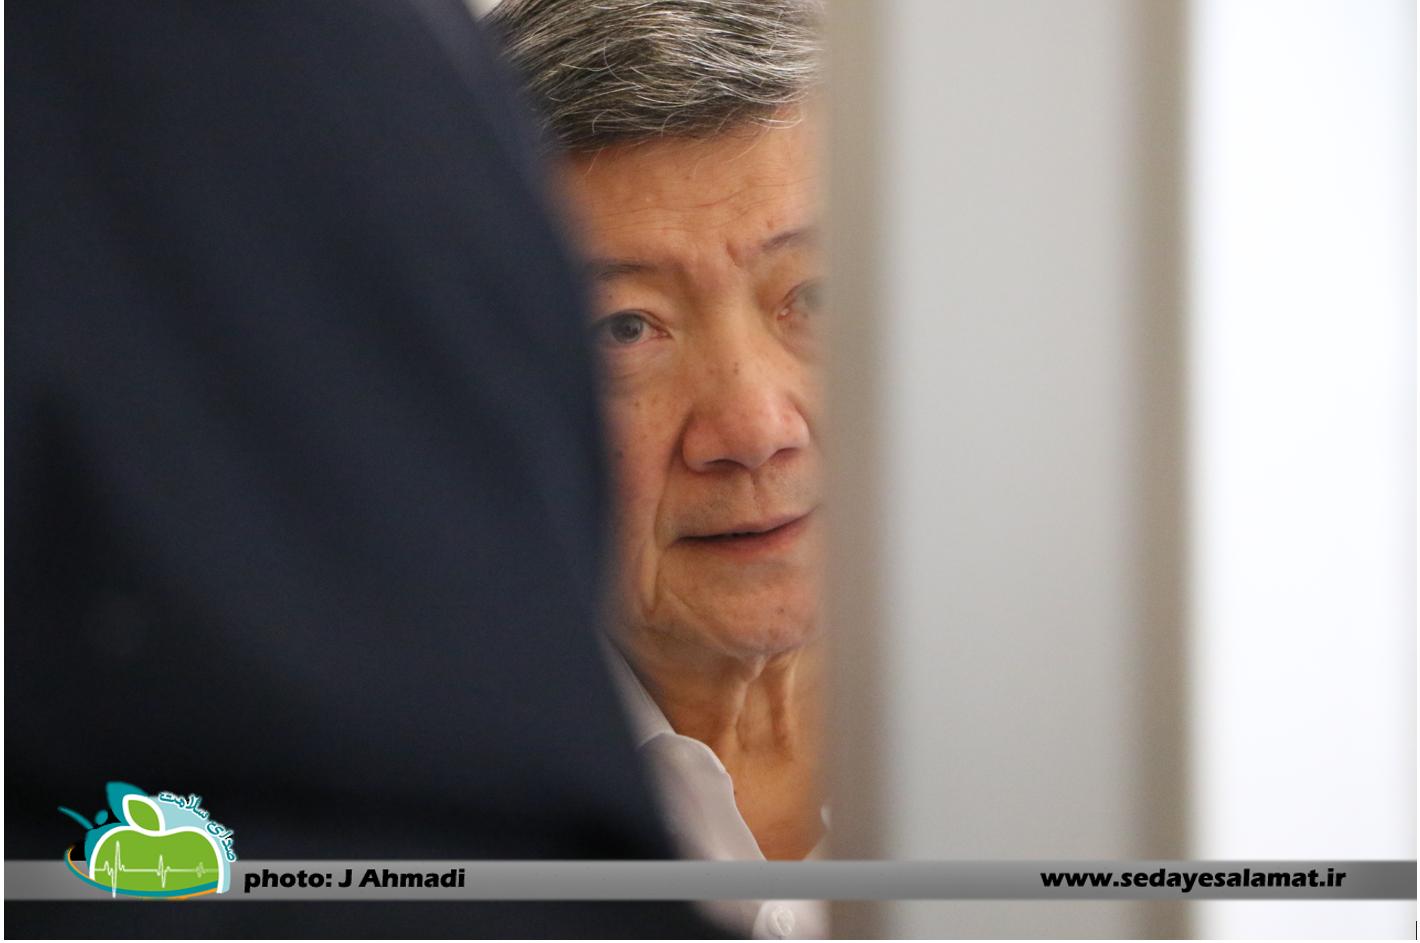 سفر وزیر بهداشت تایلند به اصفهان (1)